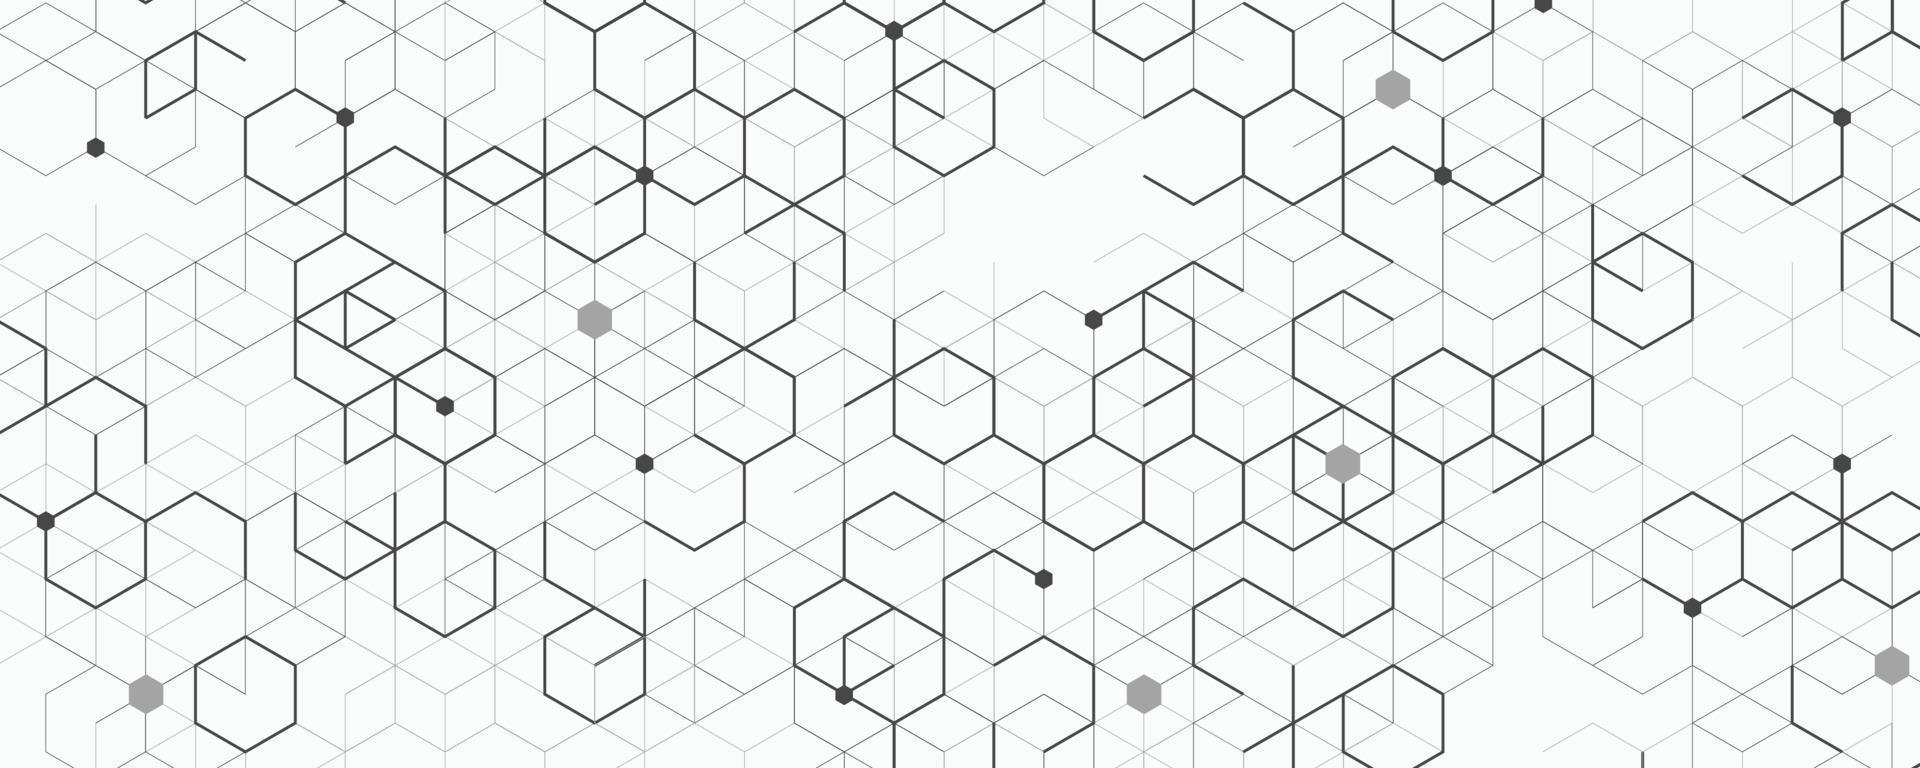 abstrakte breite Darstellung des Blockketten-Technologie-Kunstwerkhintergrunds. Illustrationsvektor eps10 vektor